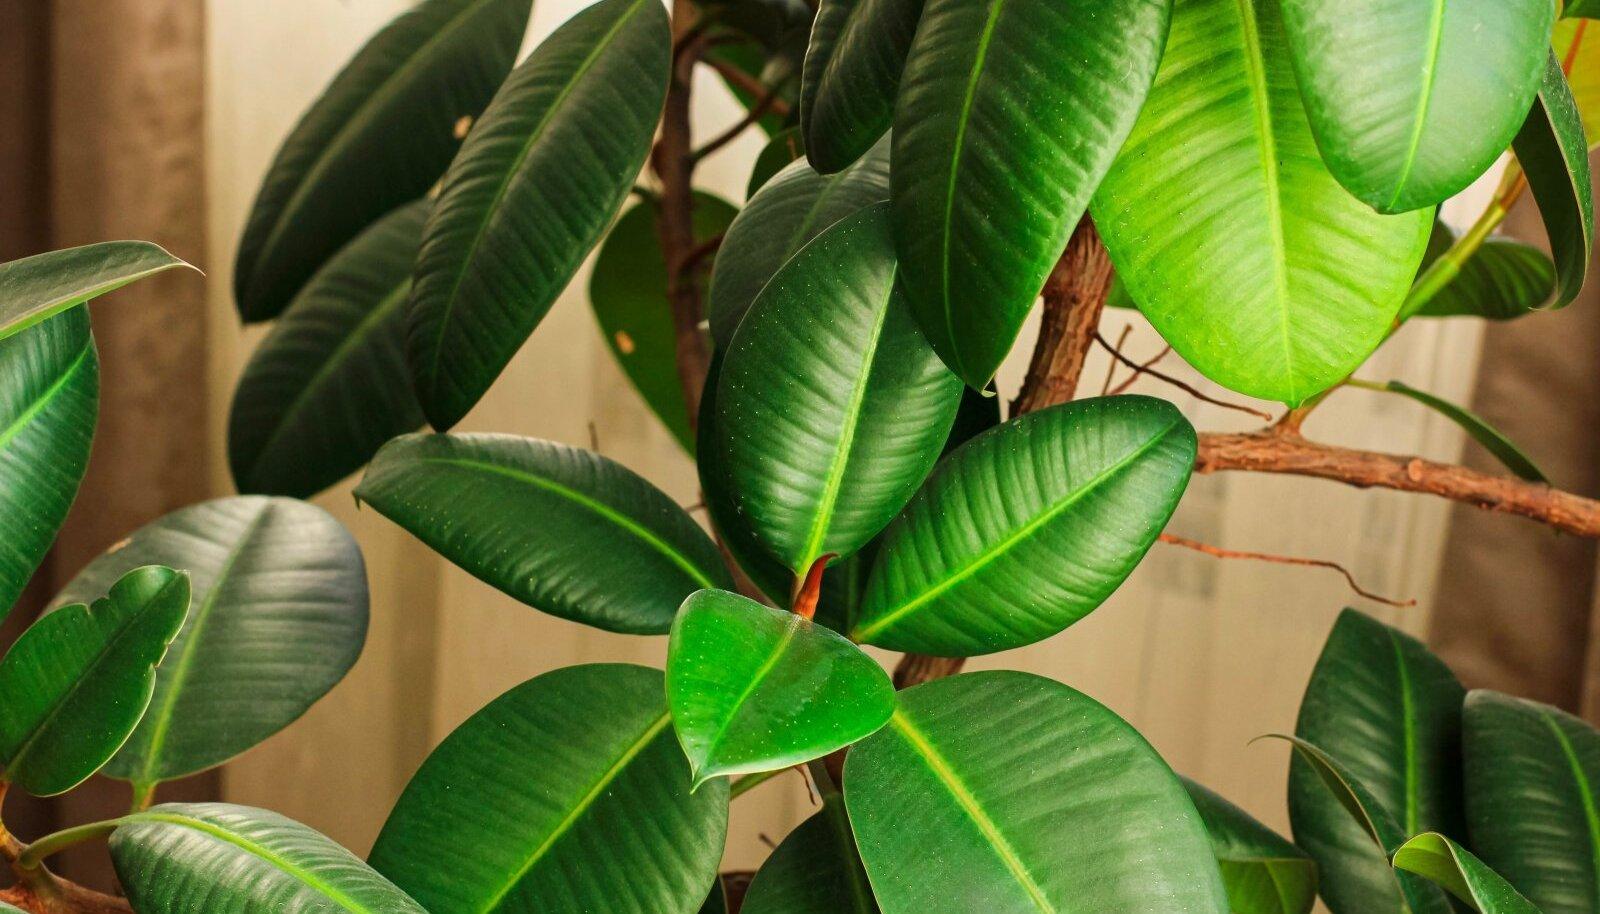 Lopsakate lehtedega kummi-viigipuu.